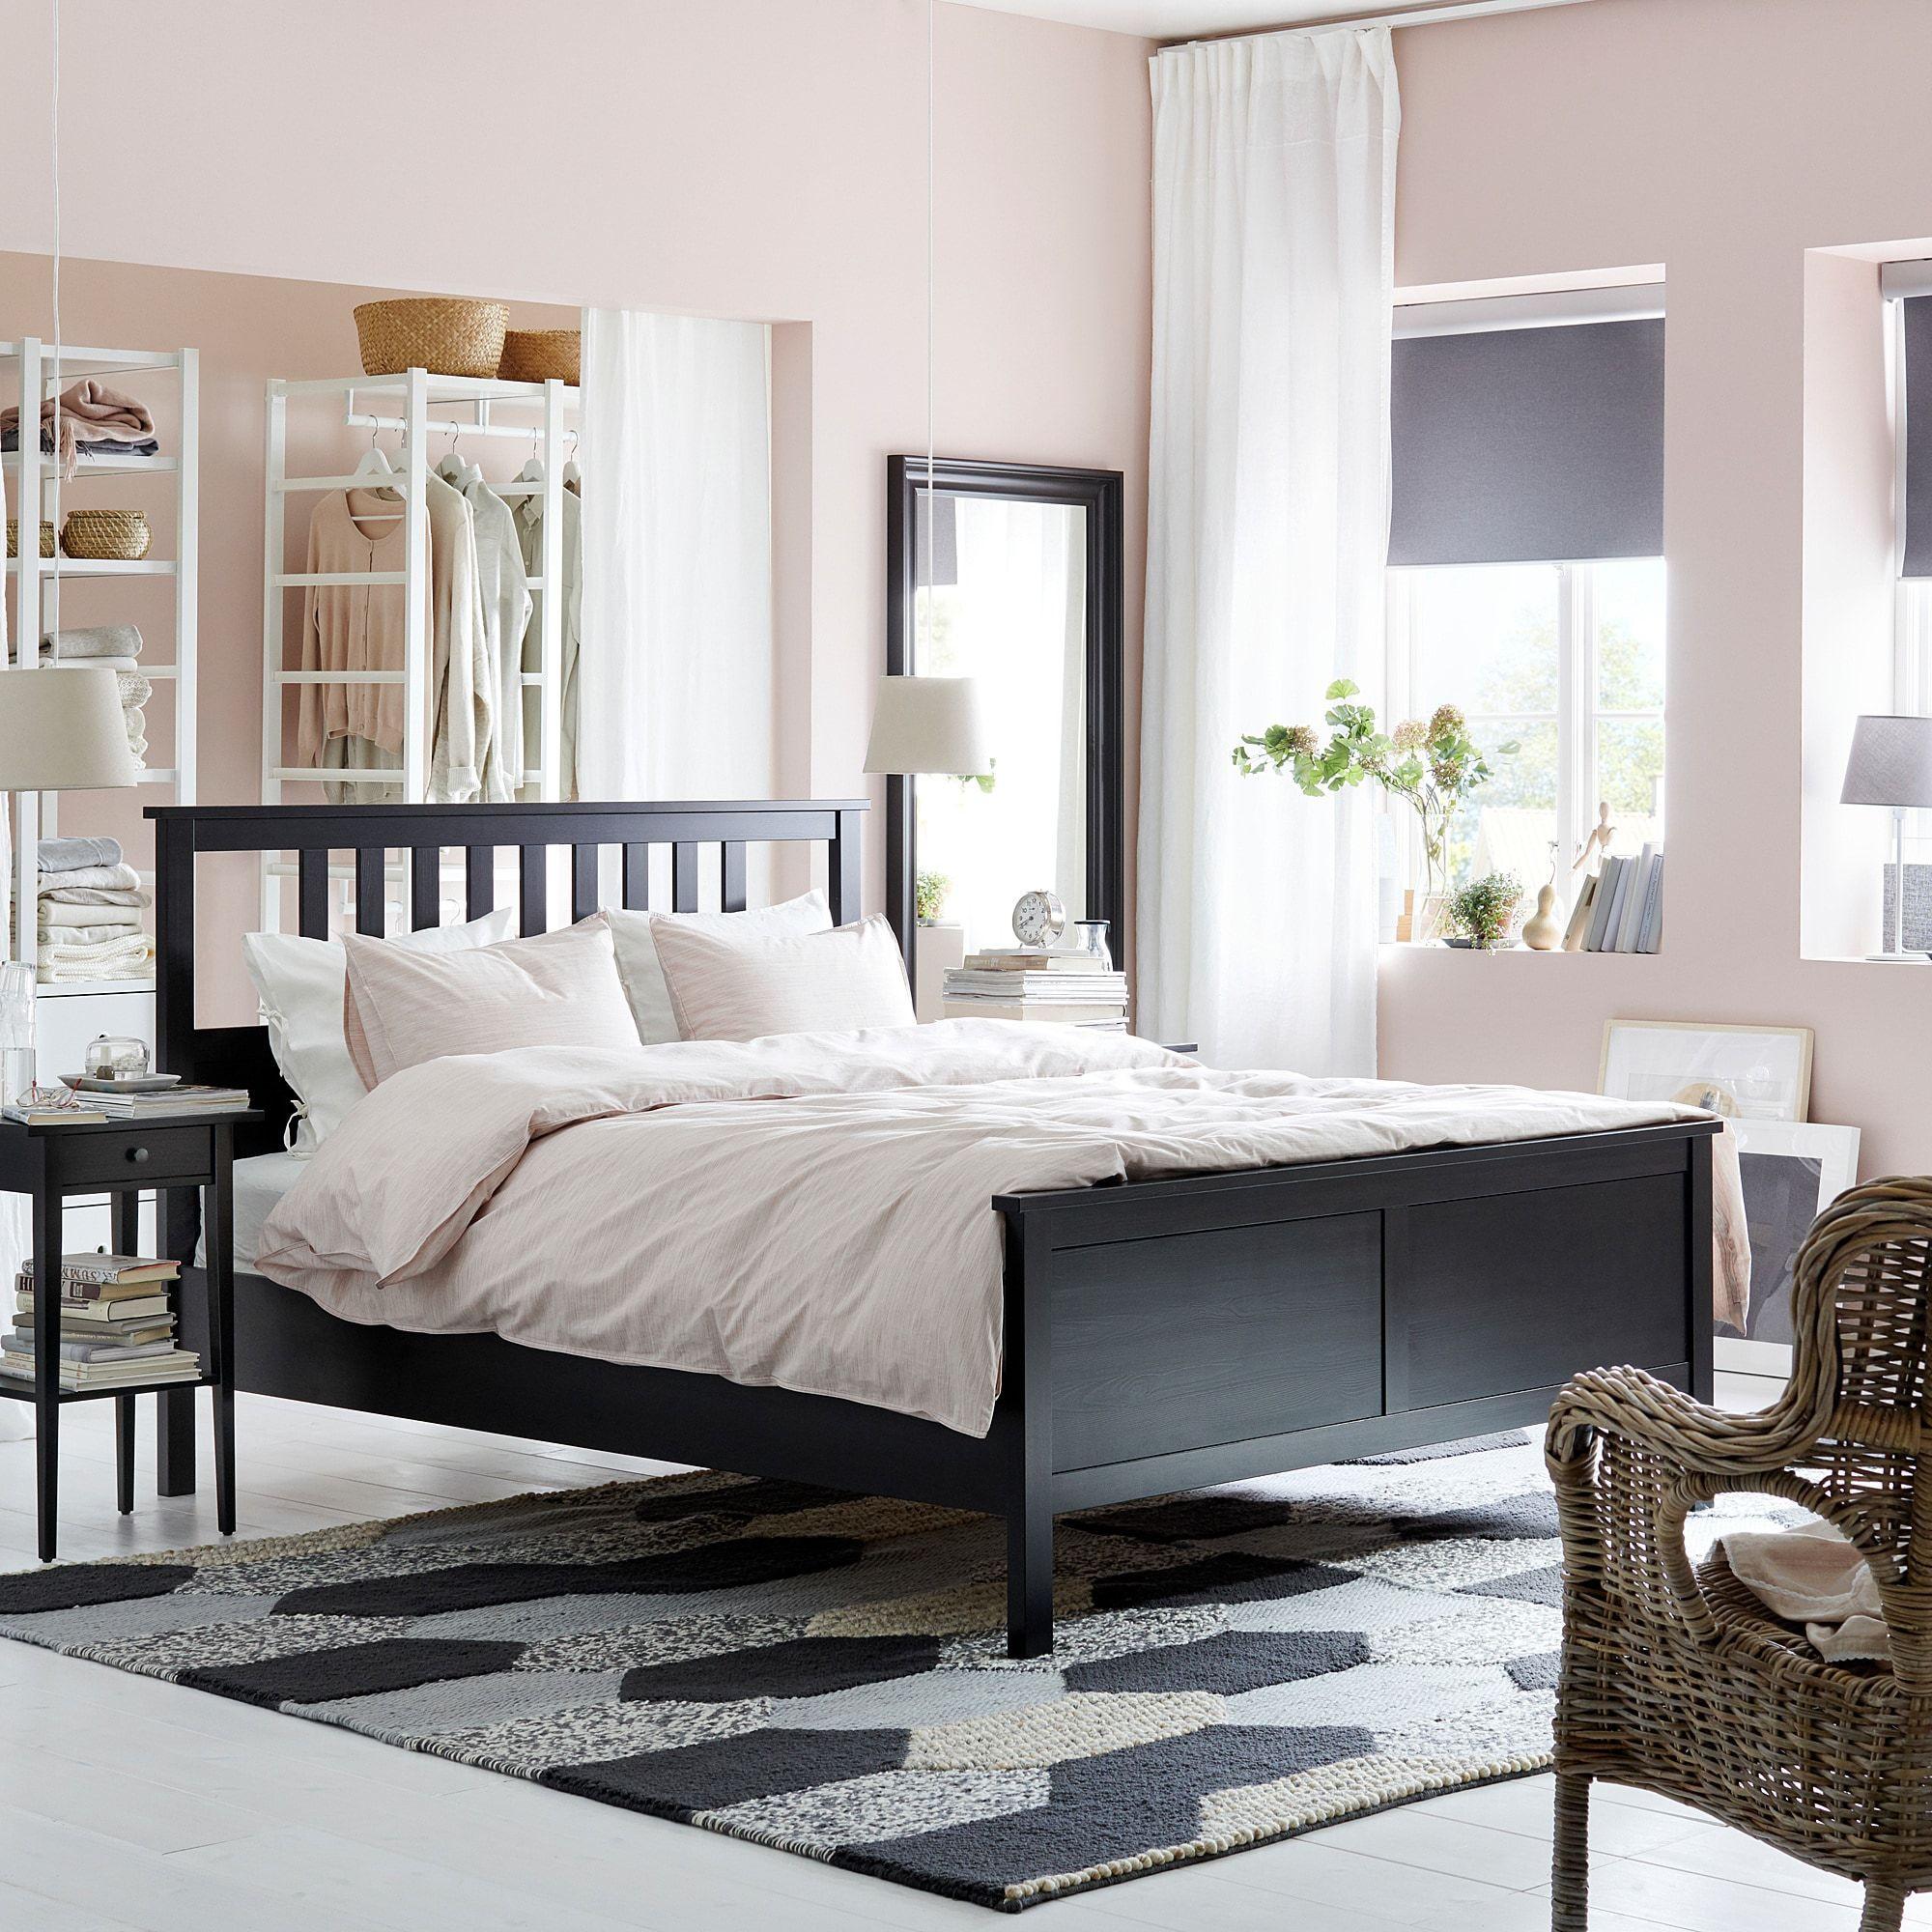 Full Size of Schrankbett Ikea 41 R1 Bett 180x200 Fhrung Modulküche Betten Bei Miniküche Sofa Mit Schlaffunktion Küche Kosten Kaufen 160x200 Wohnzimmer Schrankbett Ikea